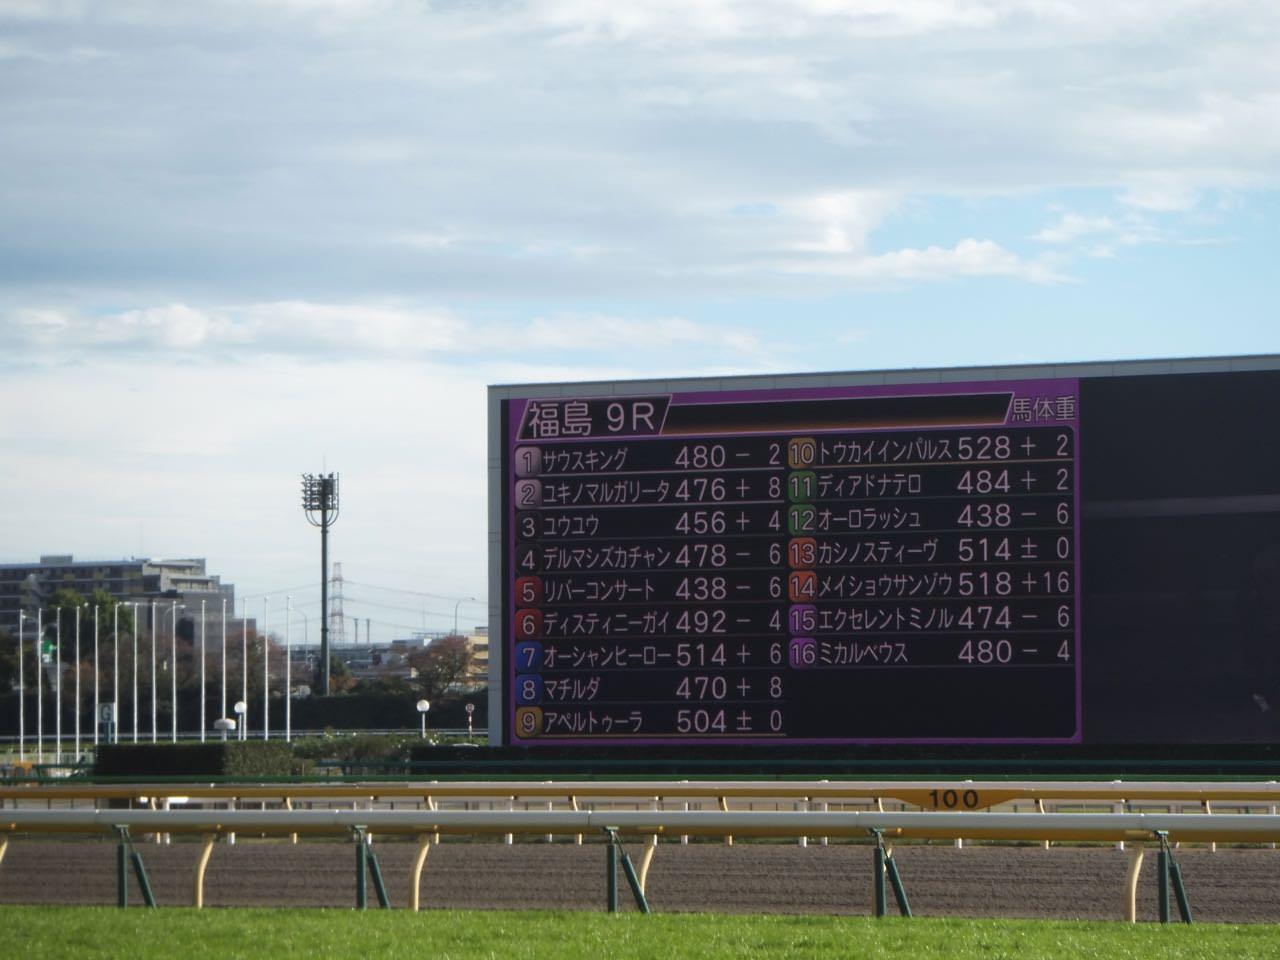 レパードステークス2019競馬予想に。過去の結果から1〜3着馬の前走データをレース映像分析【傾向・追い切り・オッズ】